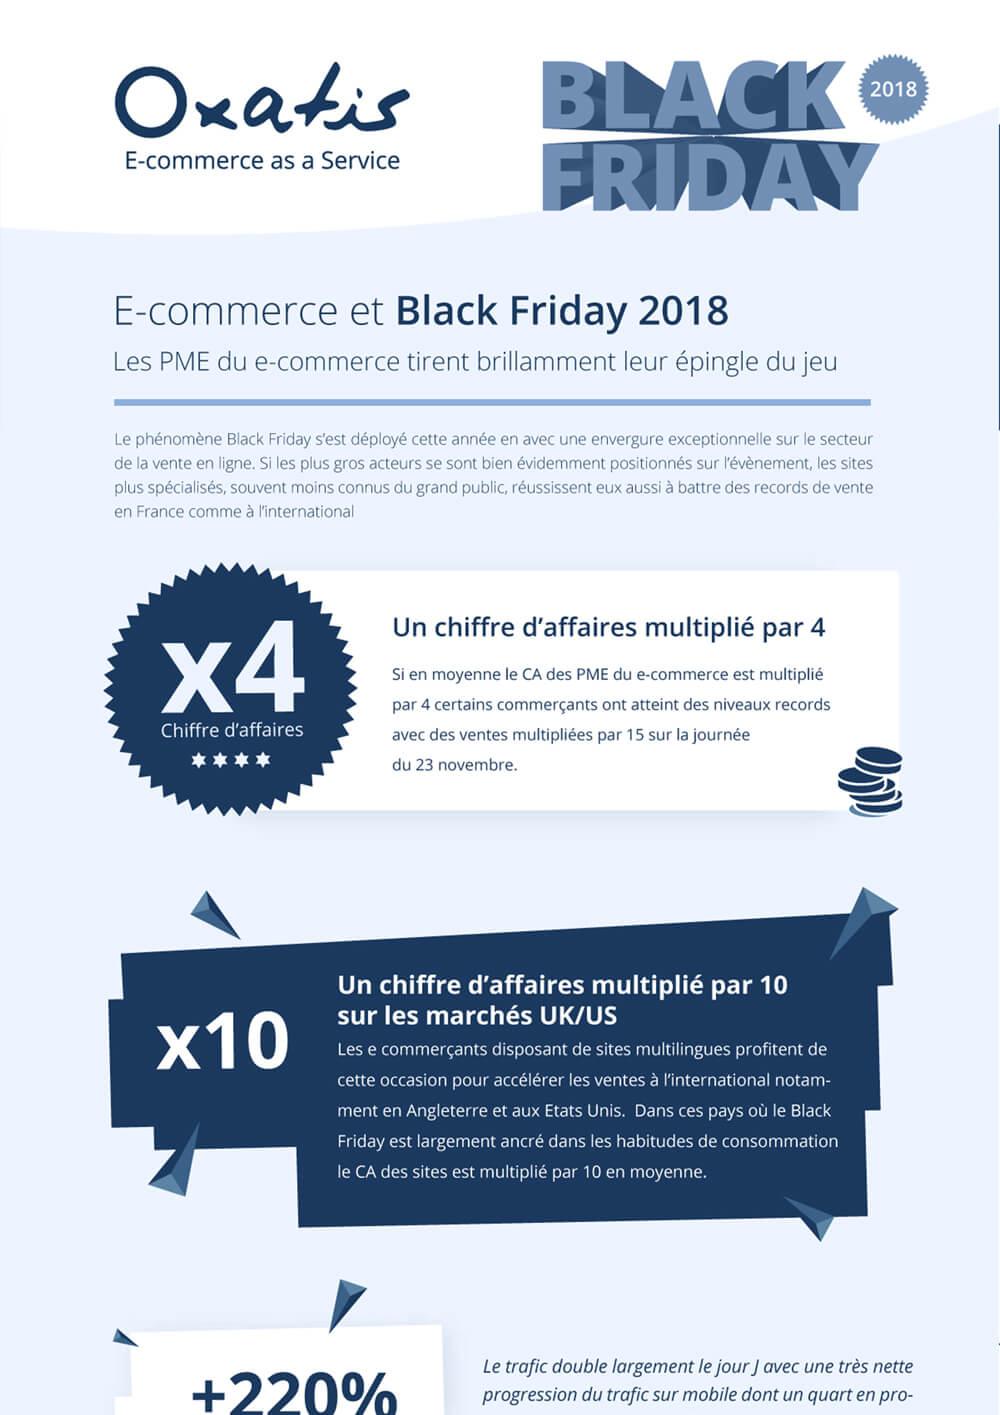 Infographie Black Friday – Les chiffres clés 2018